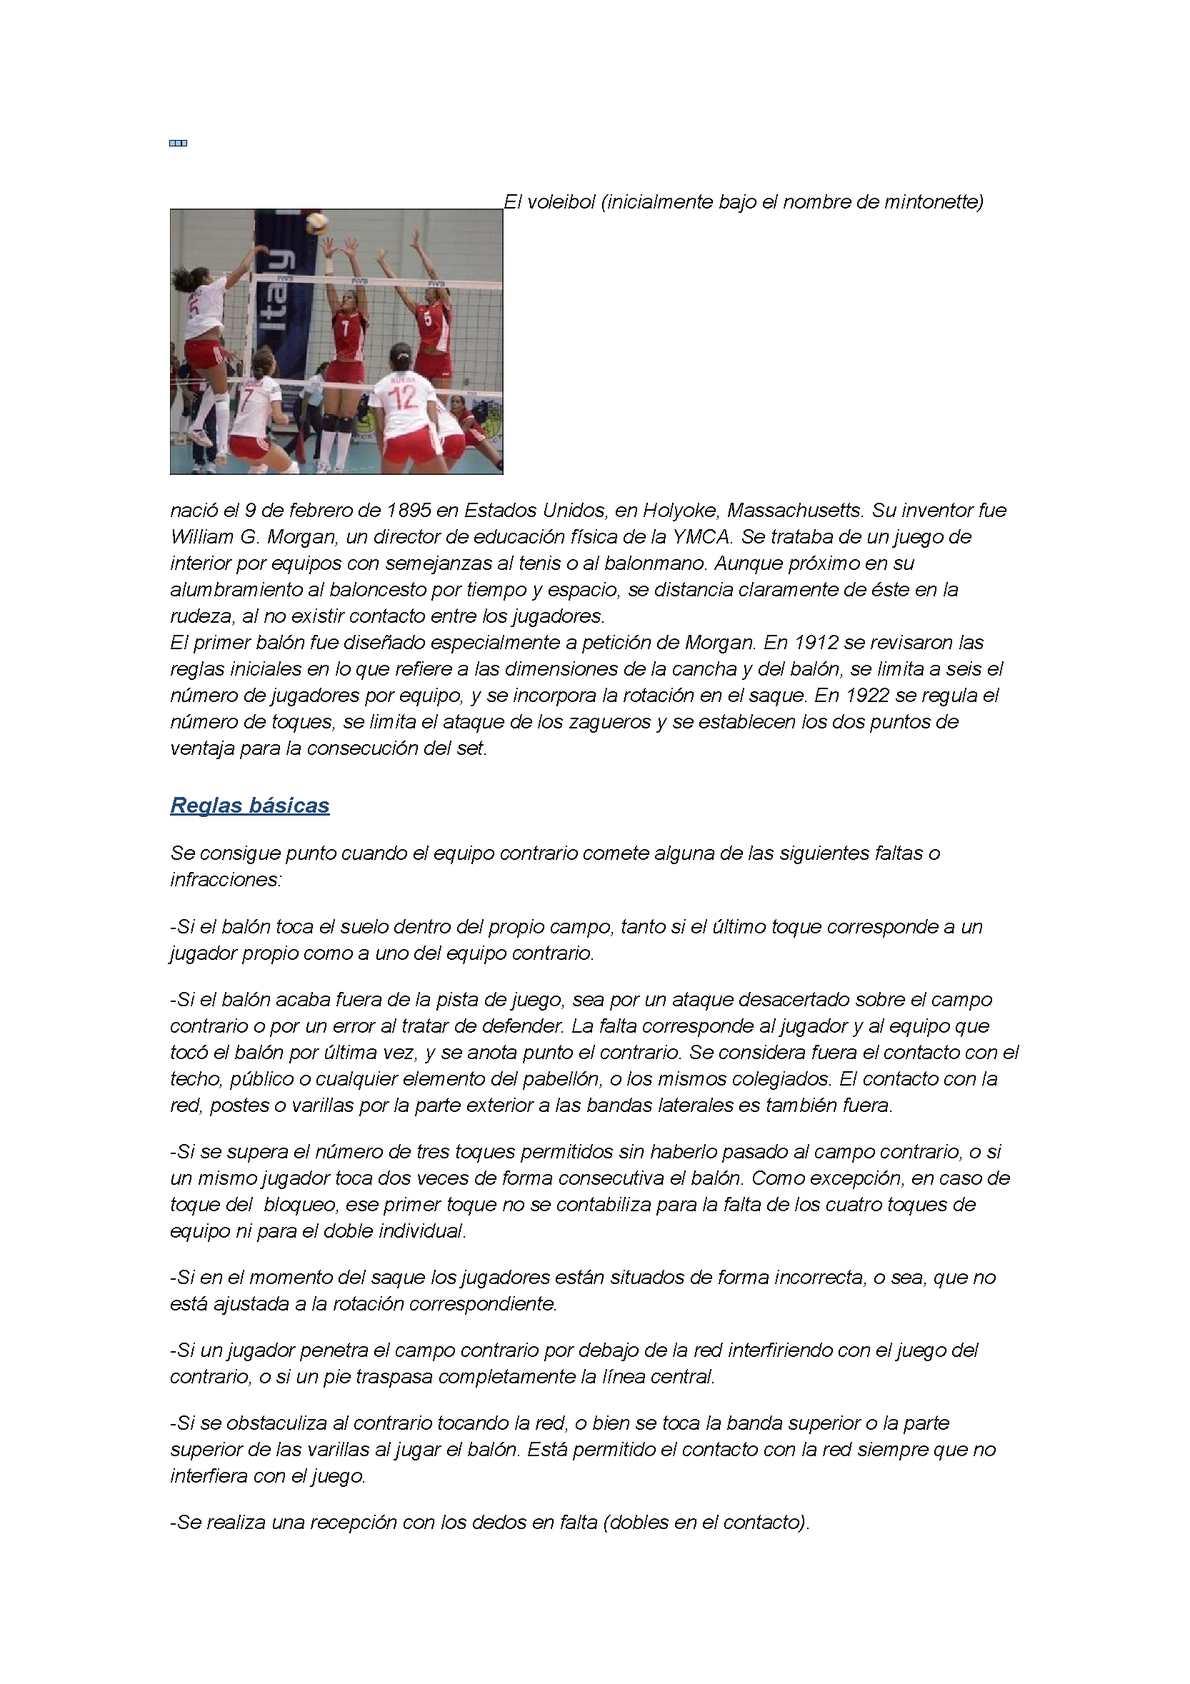 Calaméo - El voleibol